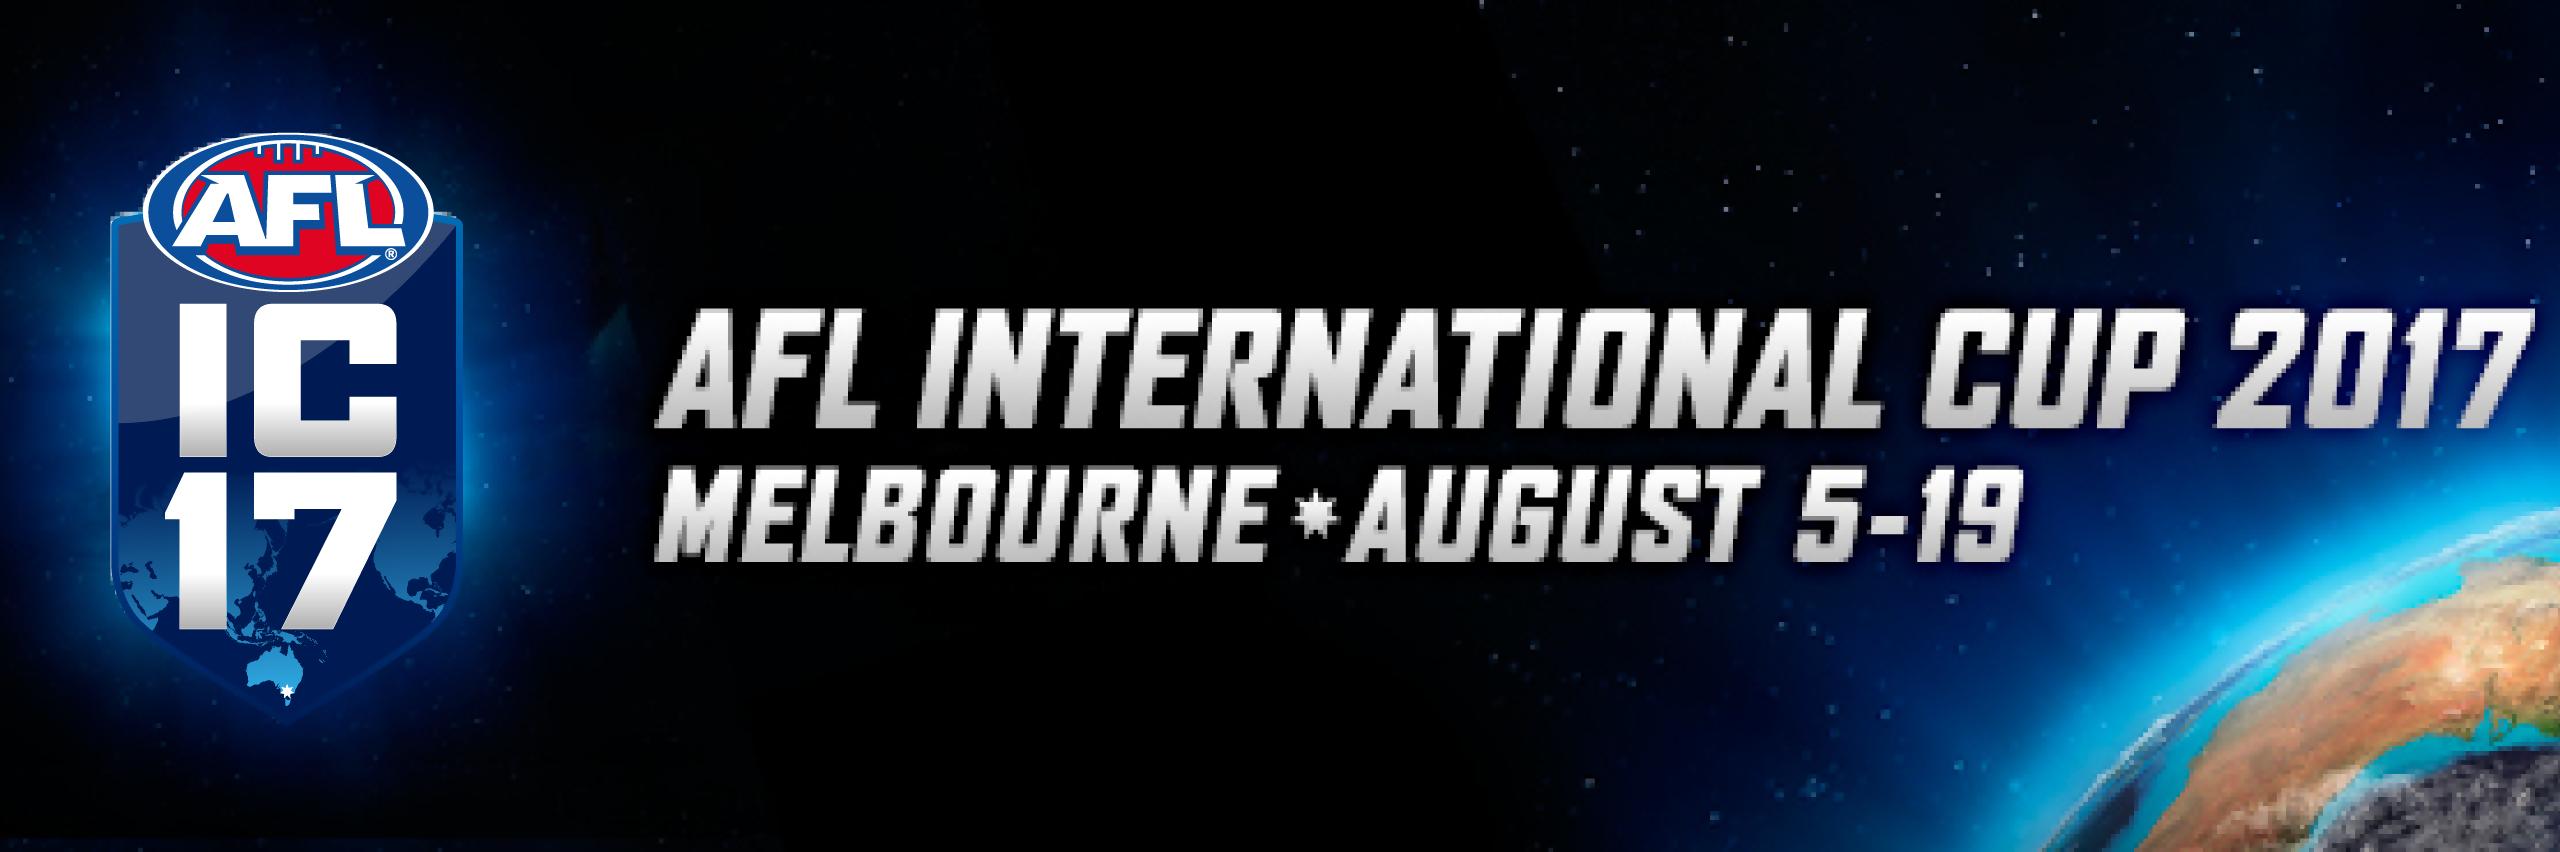 日本代表試合ライブ配信! AFL International Cup 2017